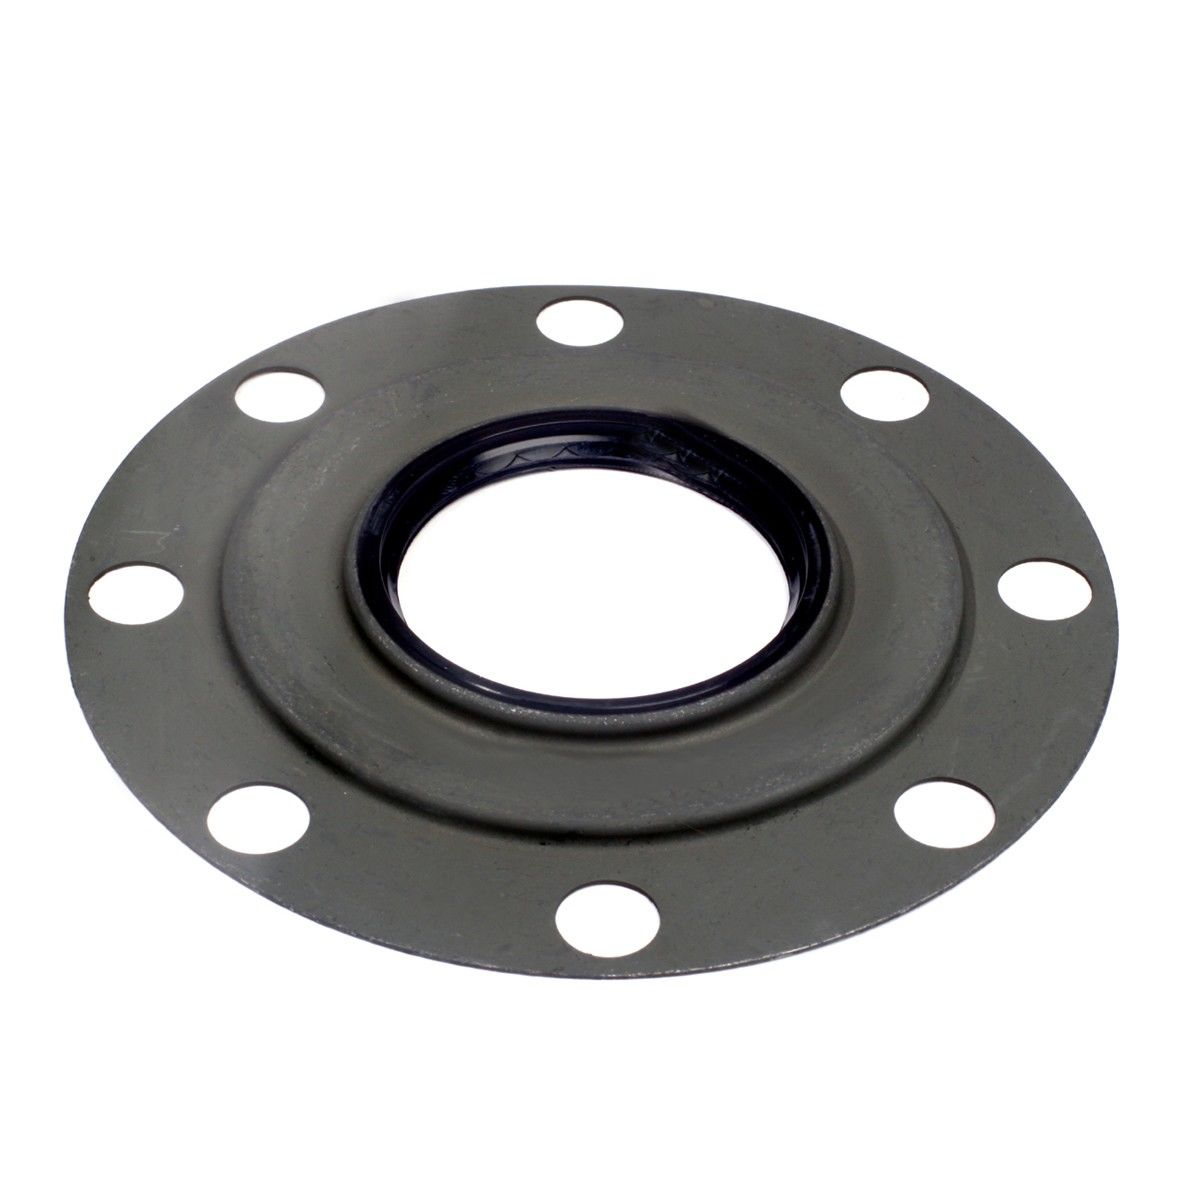 Retentor roda traseira Volkswagen Caminhoes 11.130 / 13.130 / D10 / D20 / C10